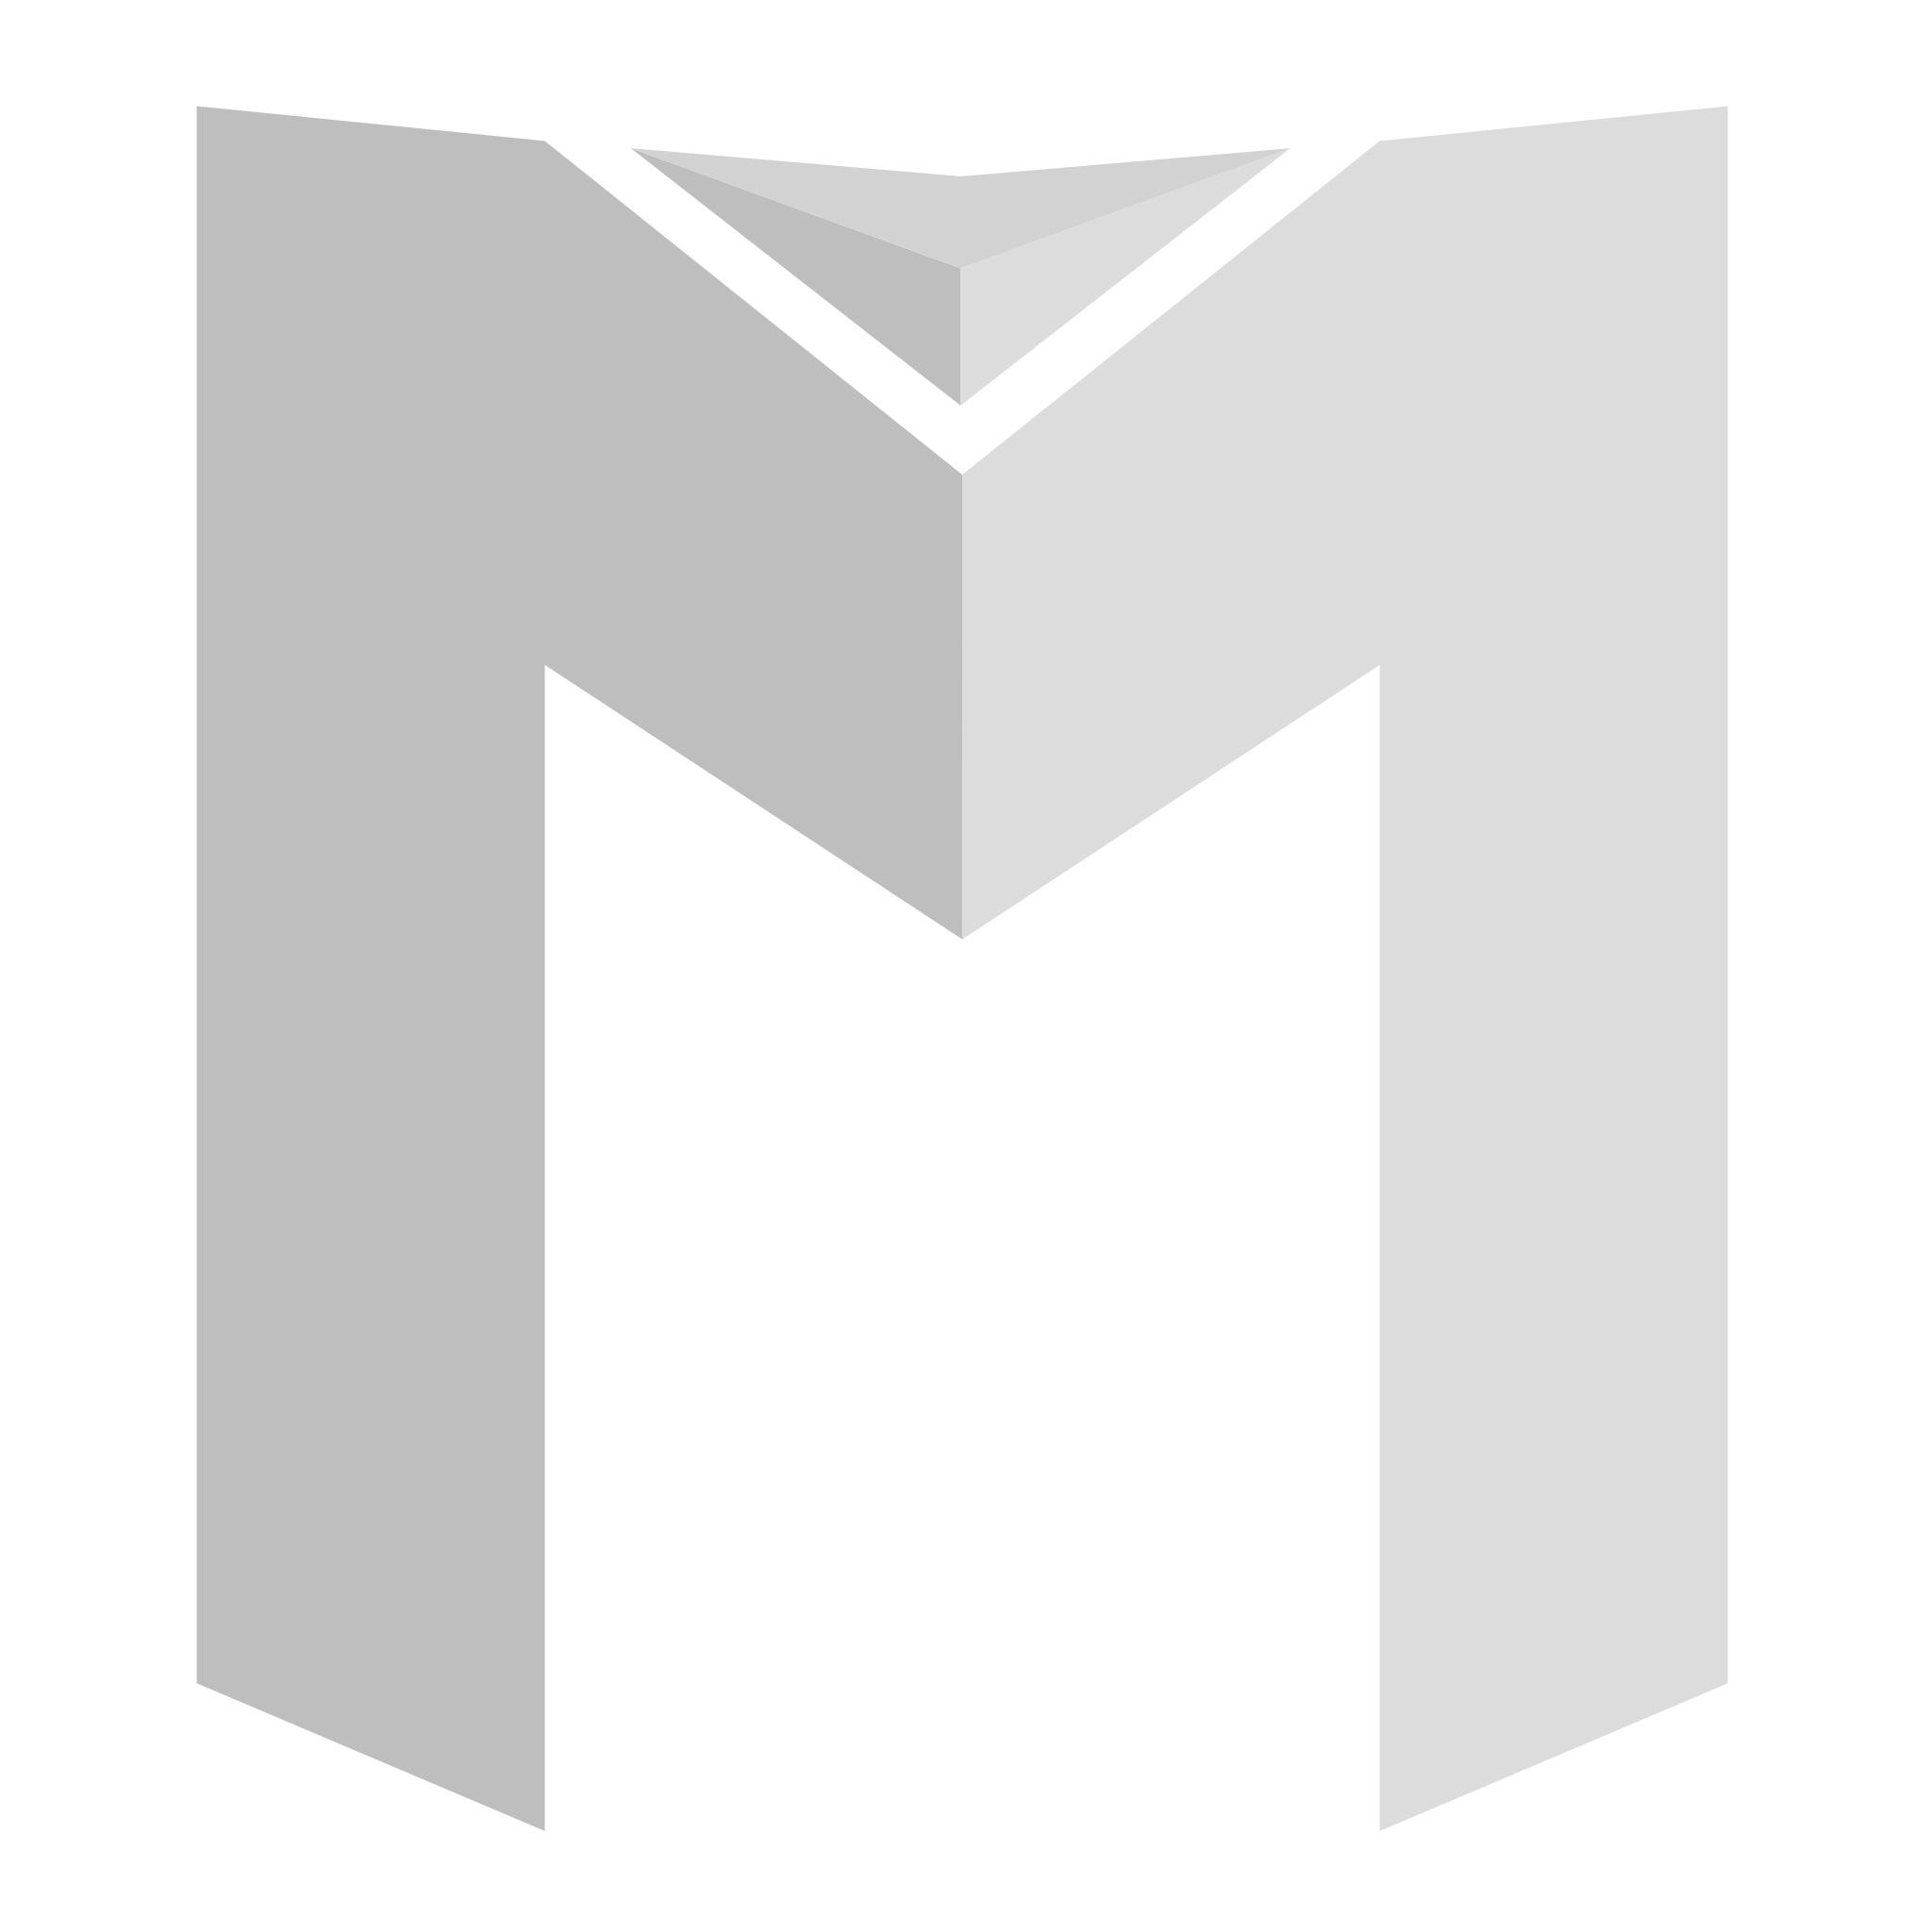 rtos · GitHub Topics · GitHub